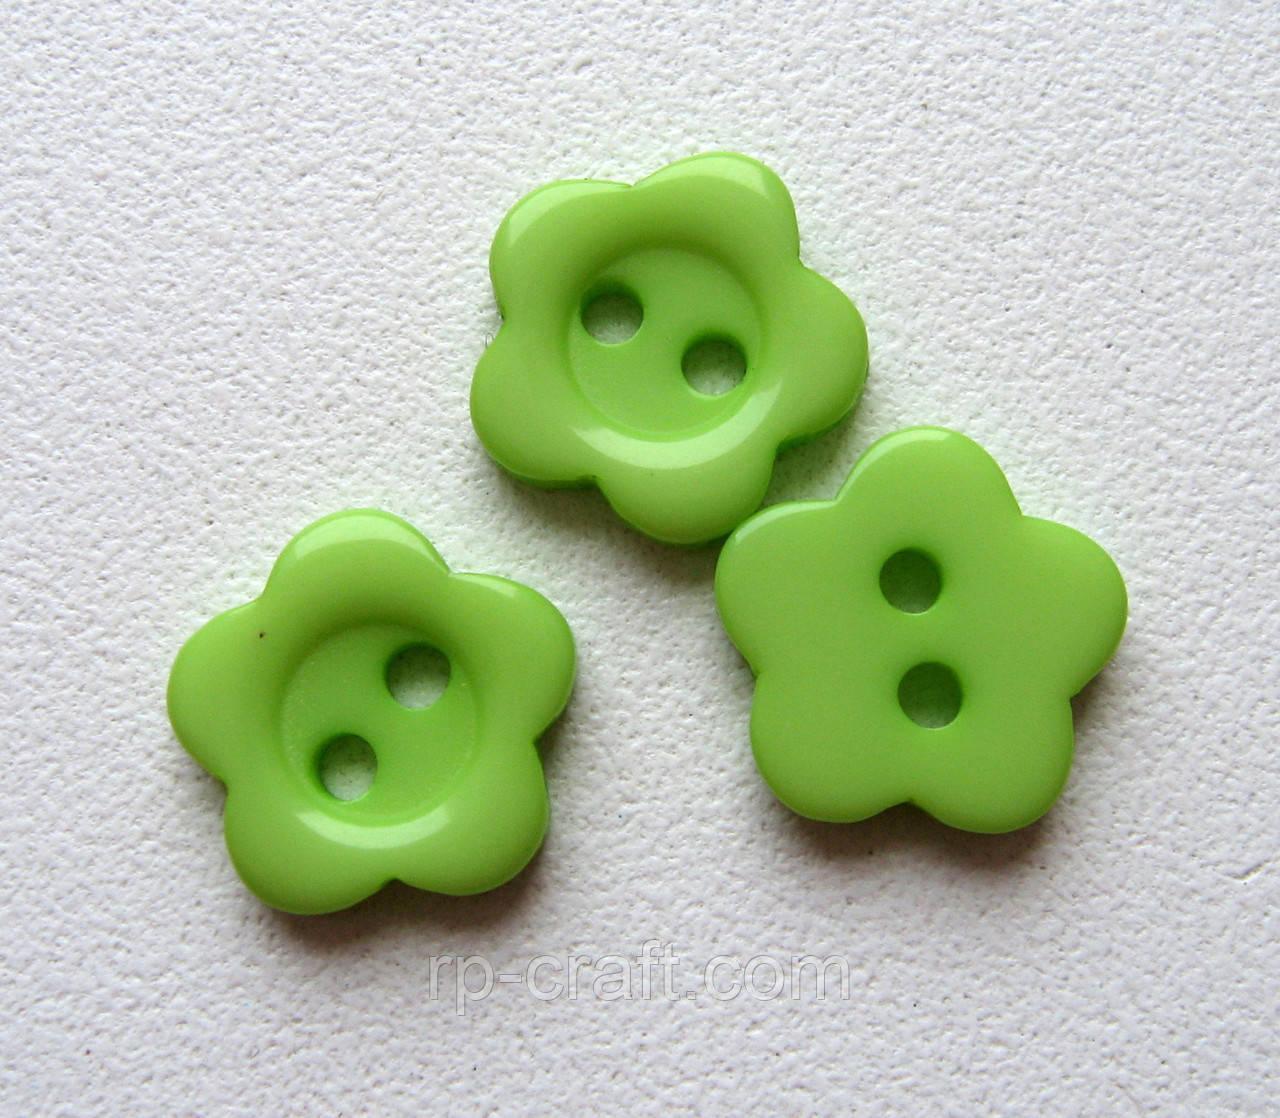 Пуговица пластиковая, декоративная, фигурная. 10 мм Цветок нежно-зеленый